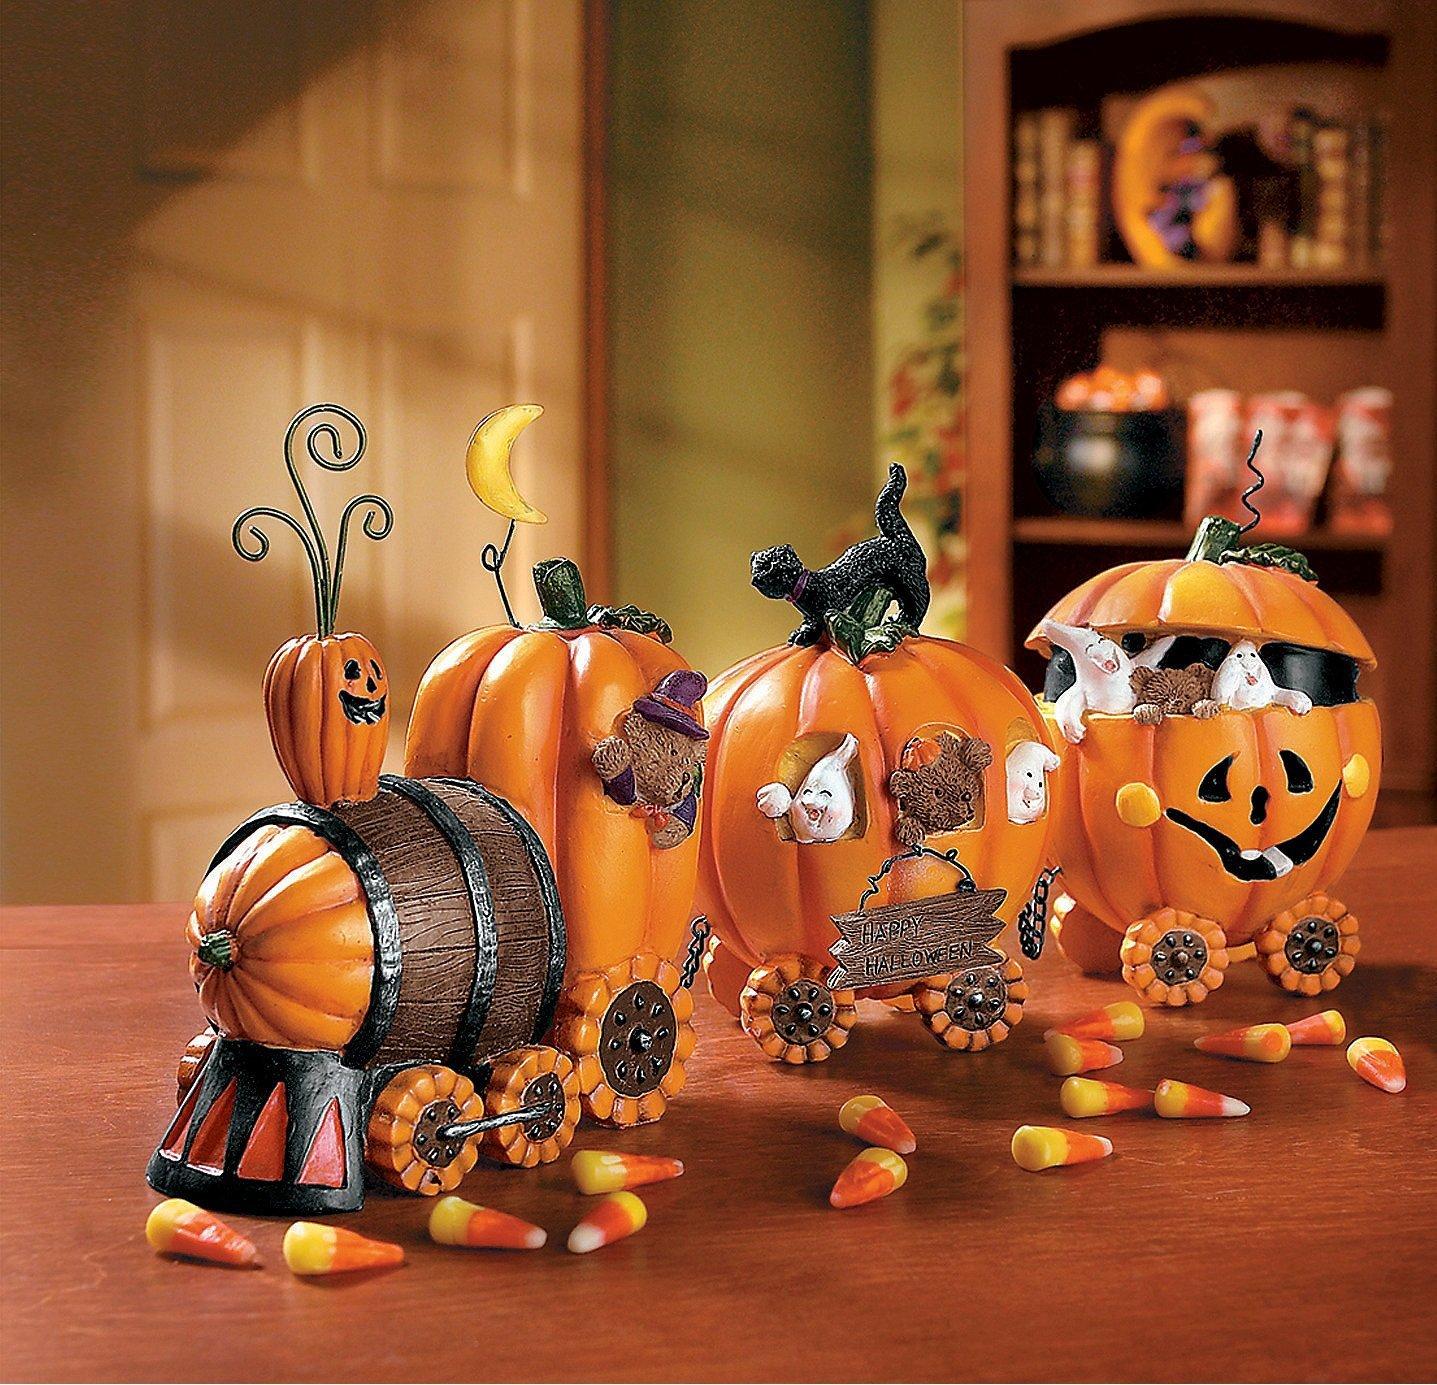 Pumpkin Express Train